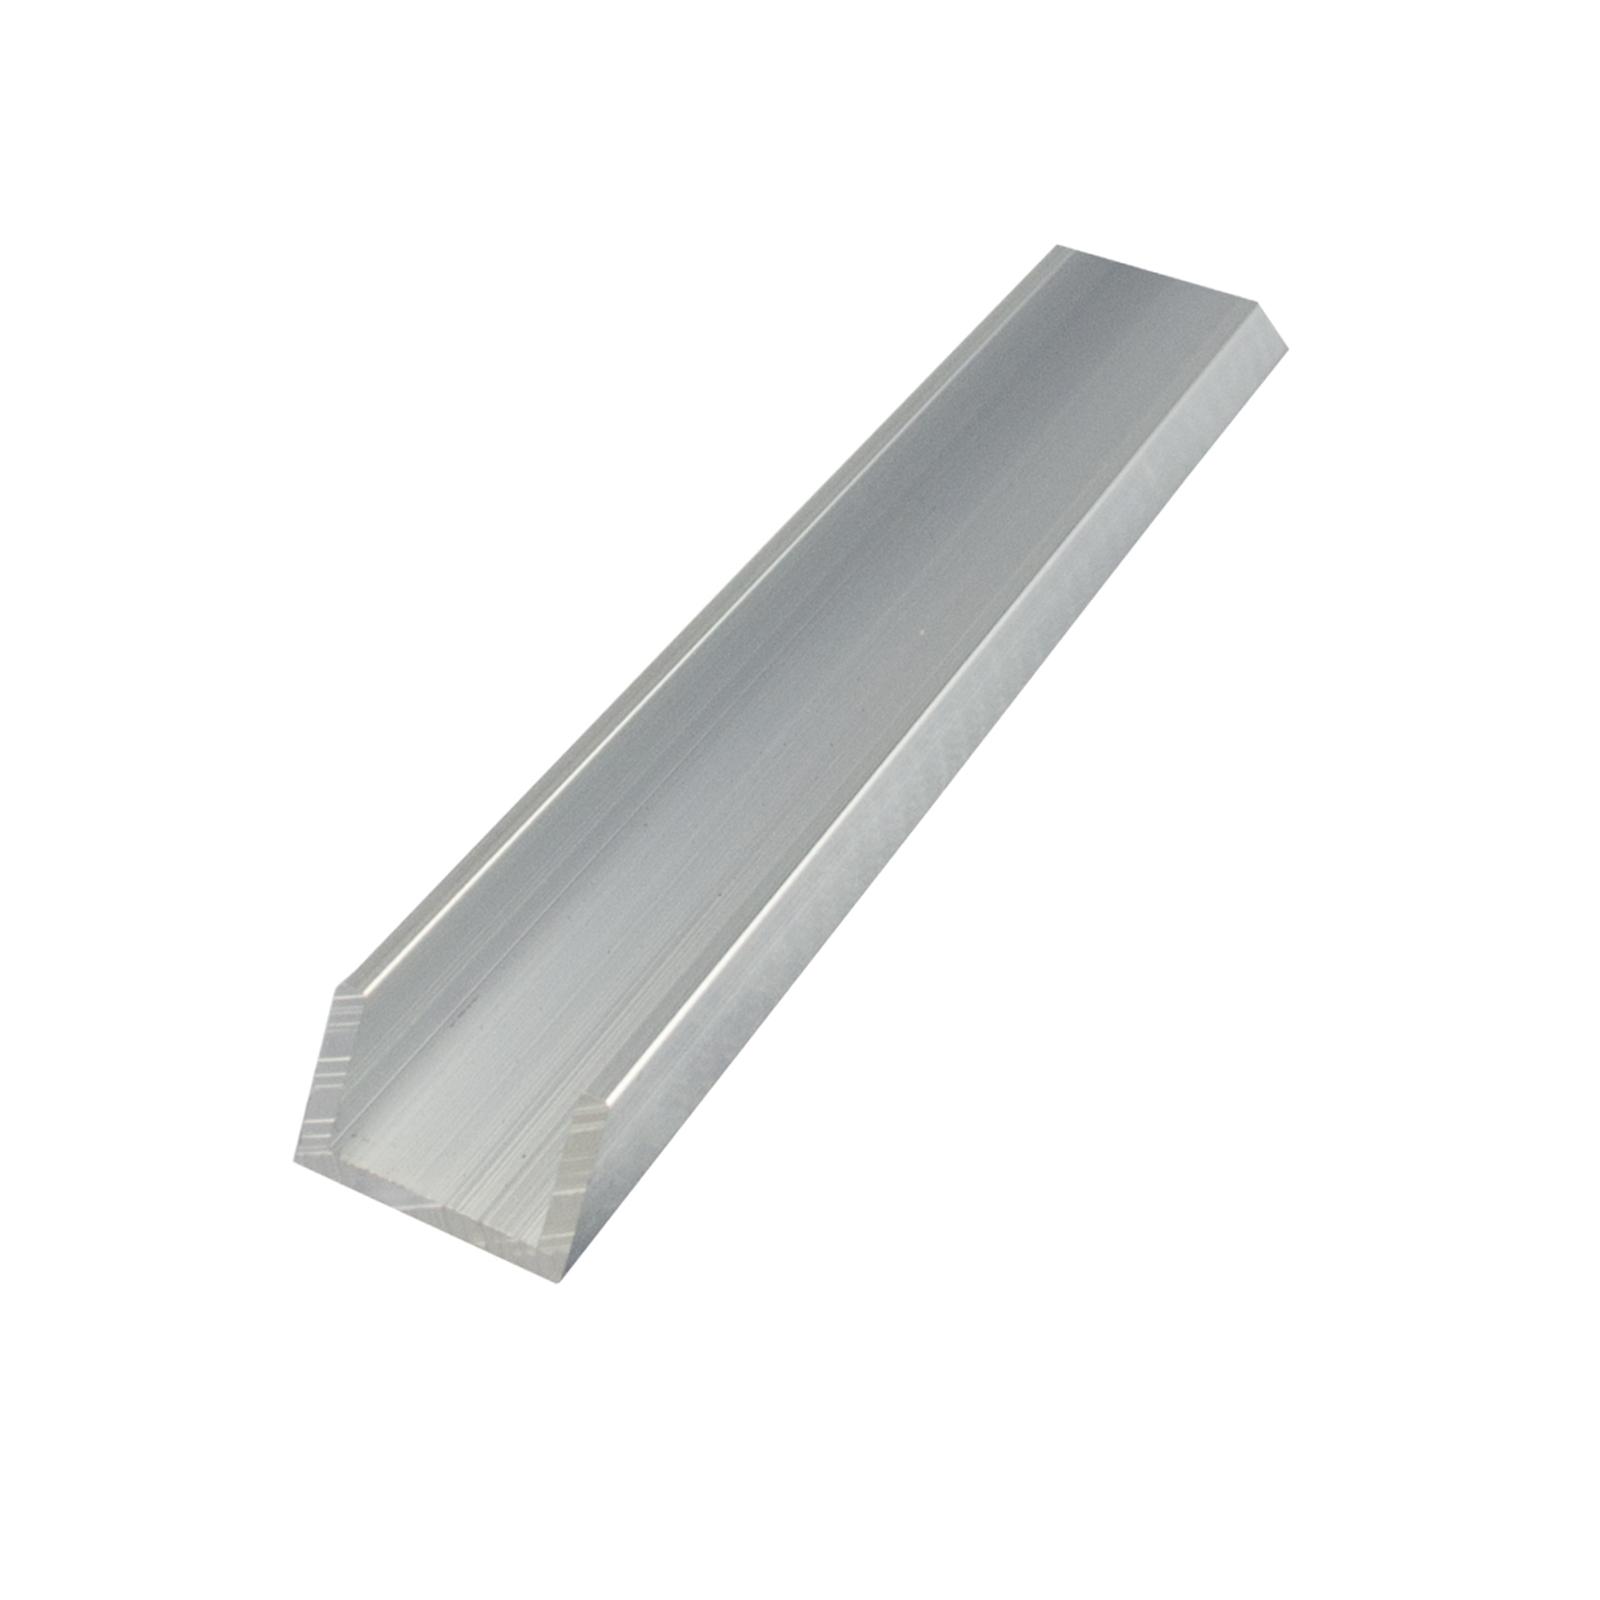 Metal Mate 16 x 16 x 1.5mm 3m Aluminium Channel